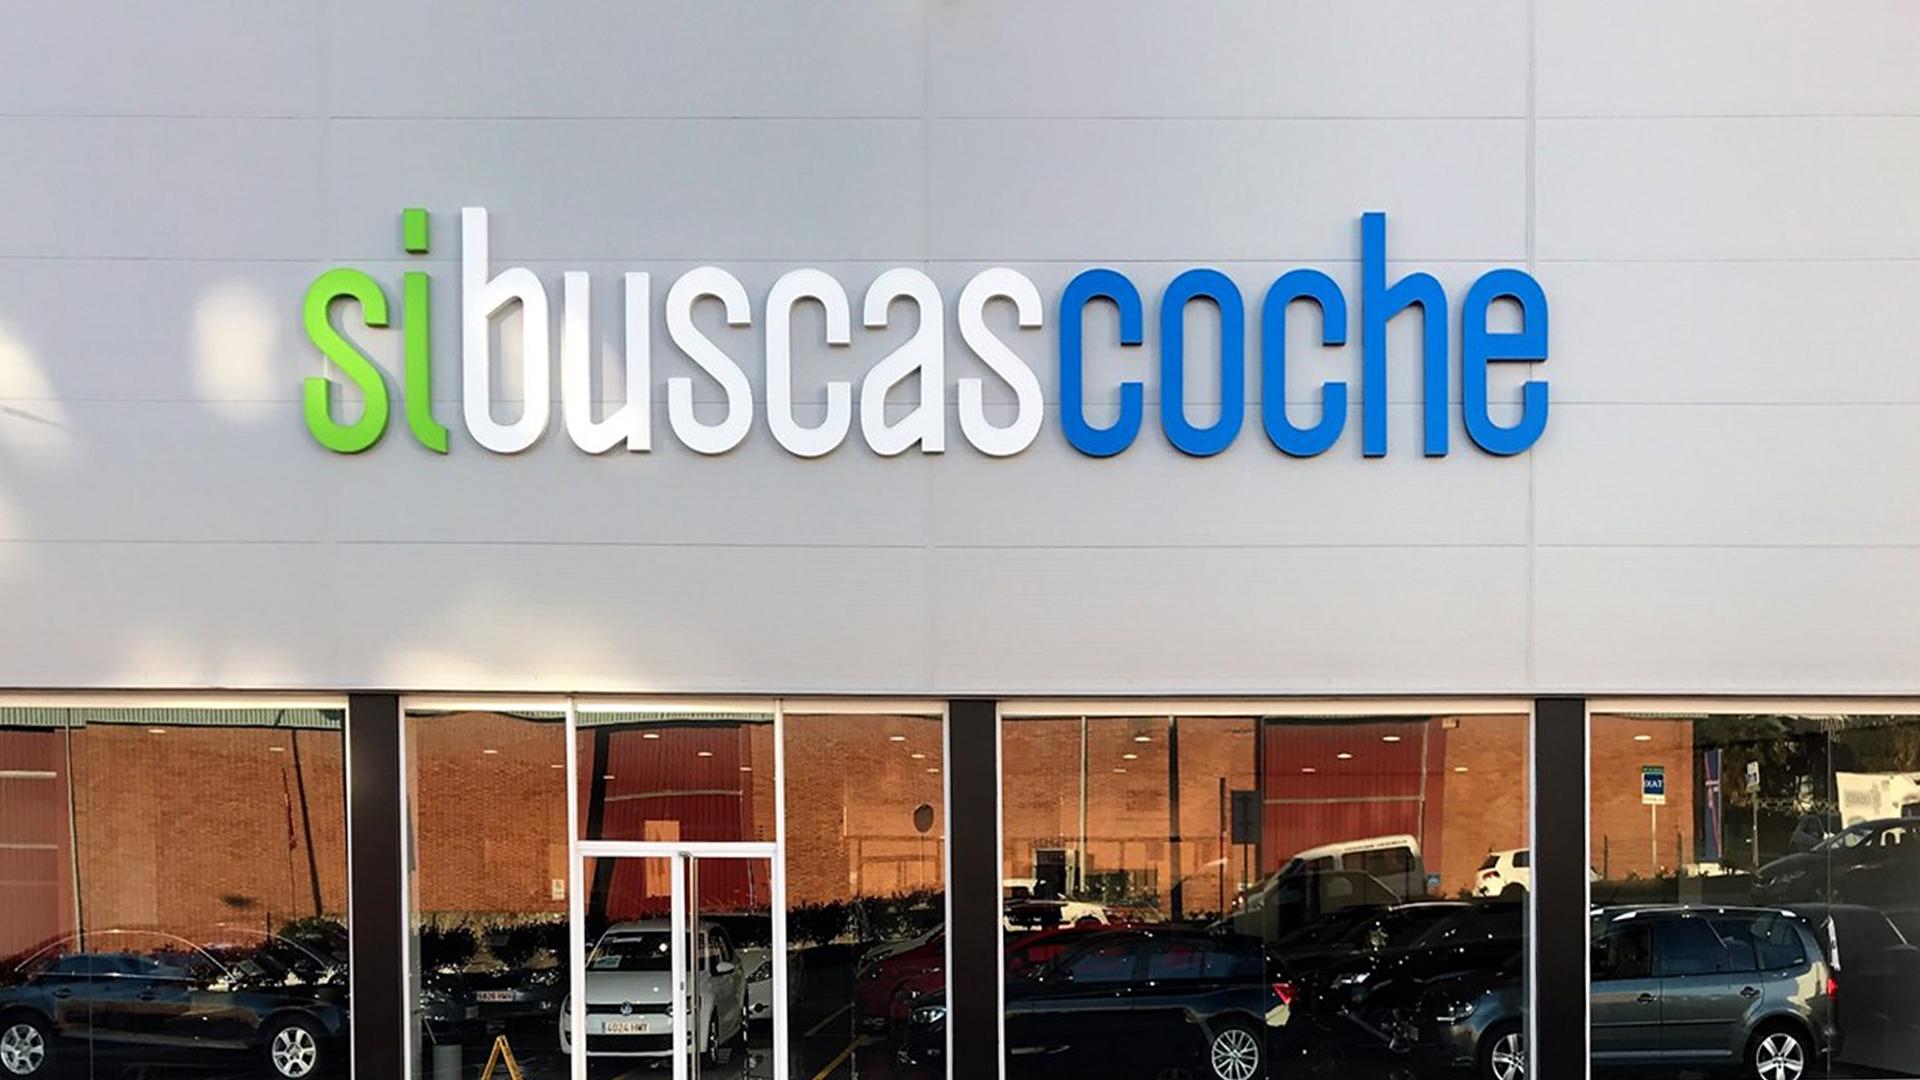 Sibuscascoche SCQ